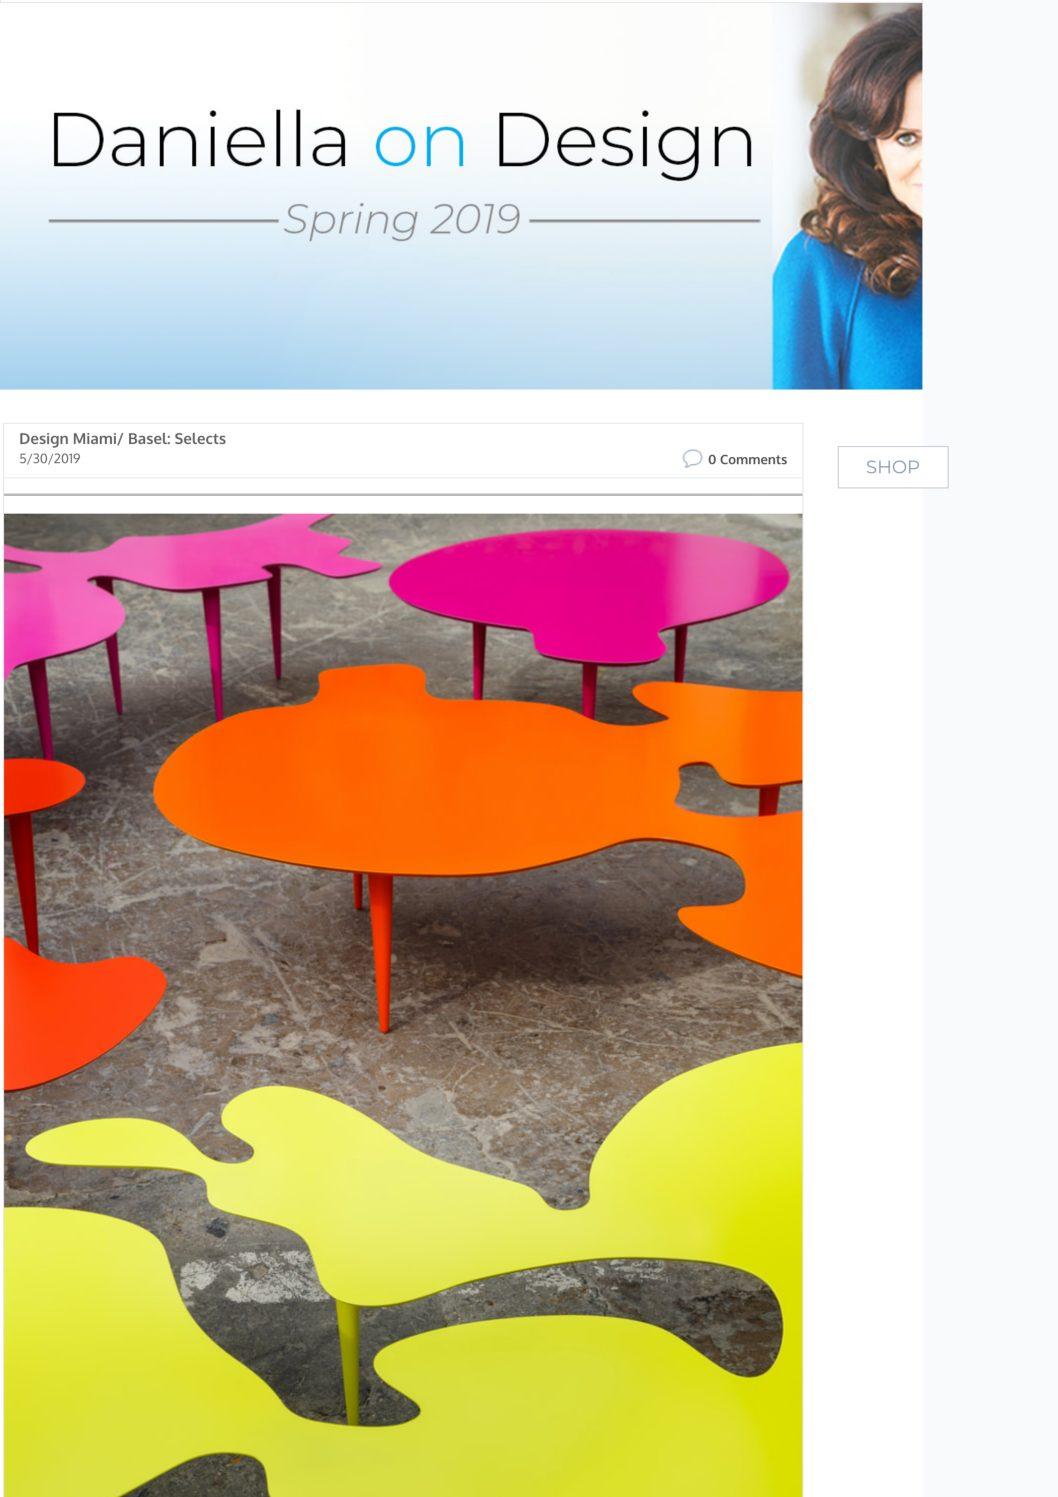 Daniella on Design – Design Miami/ Basel